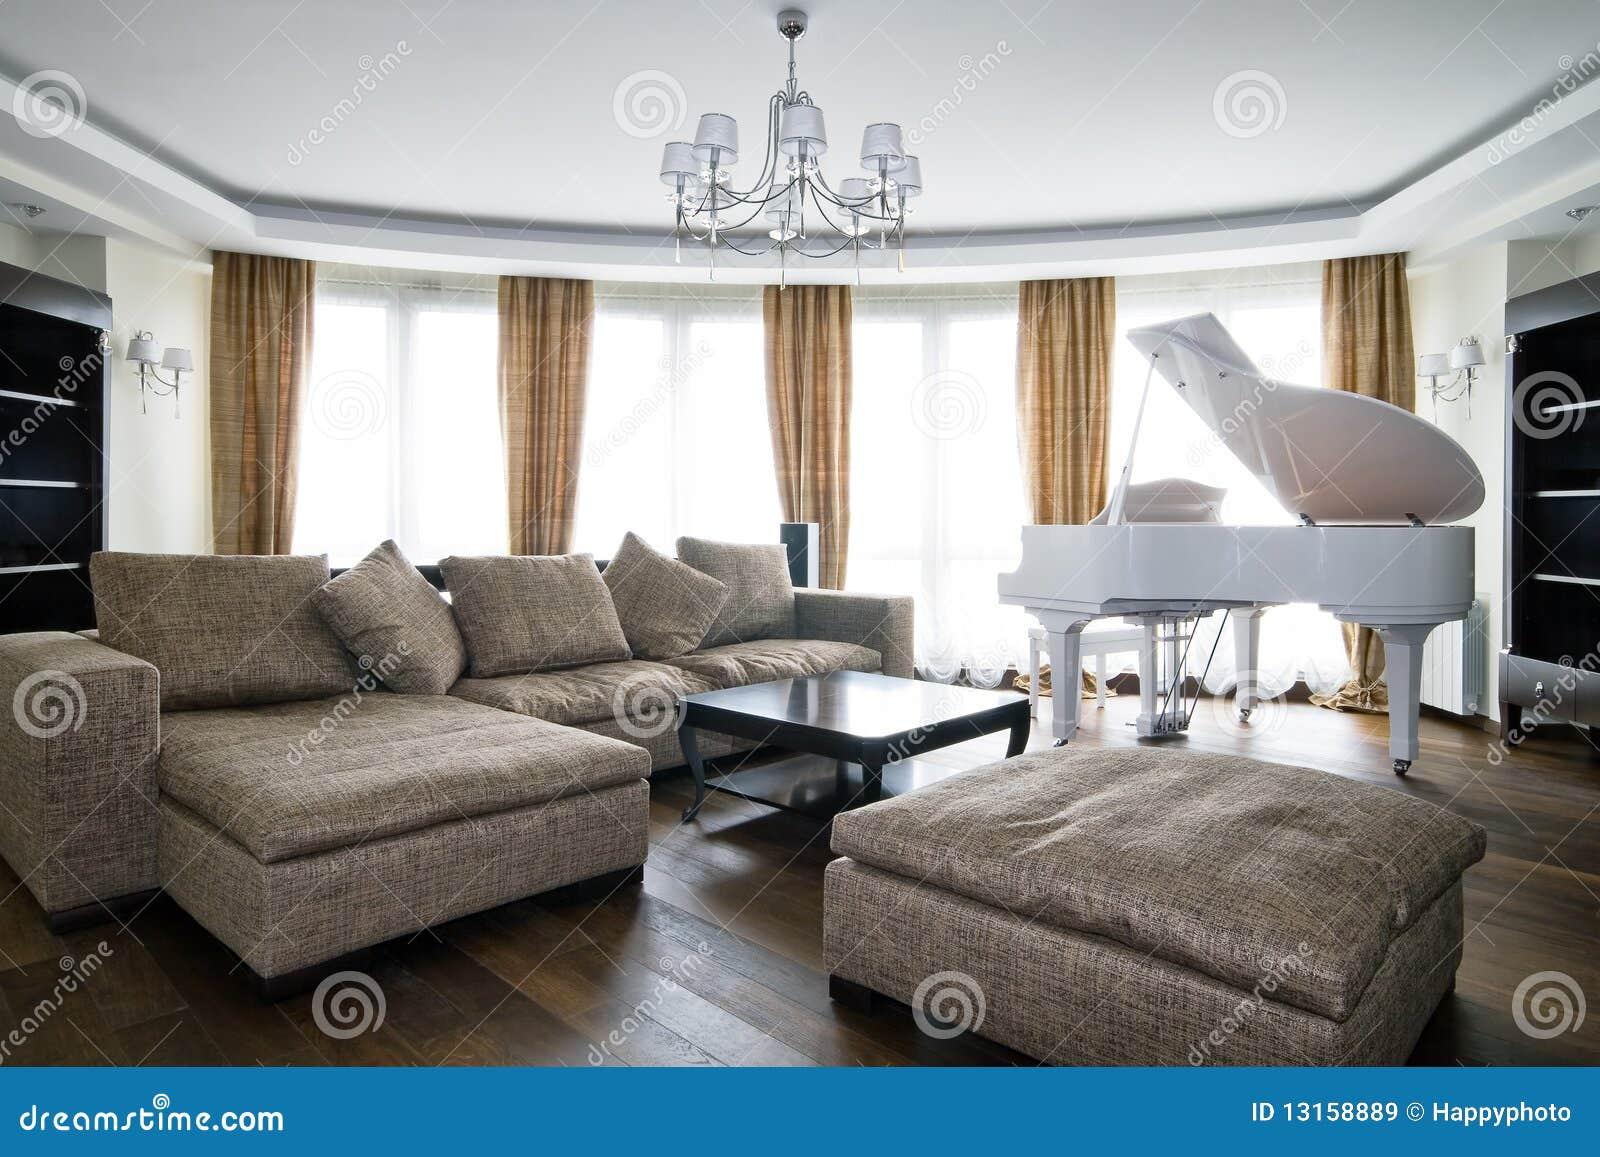 c1fb95532a69bc Innenraum Des Hellen Wohnzimmers Mit Weißem Klavier Stockbild - Bild ...